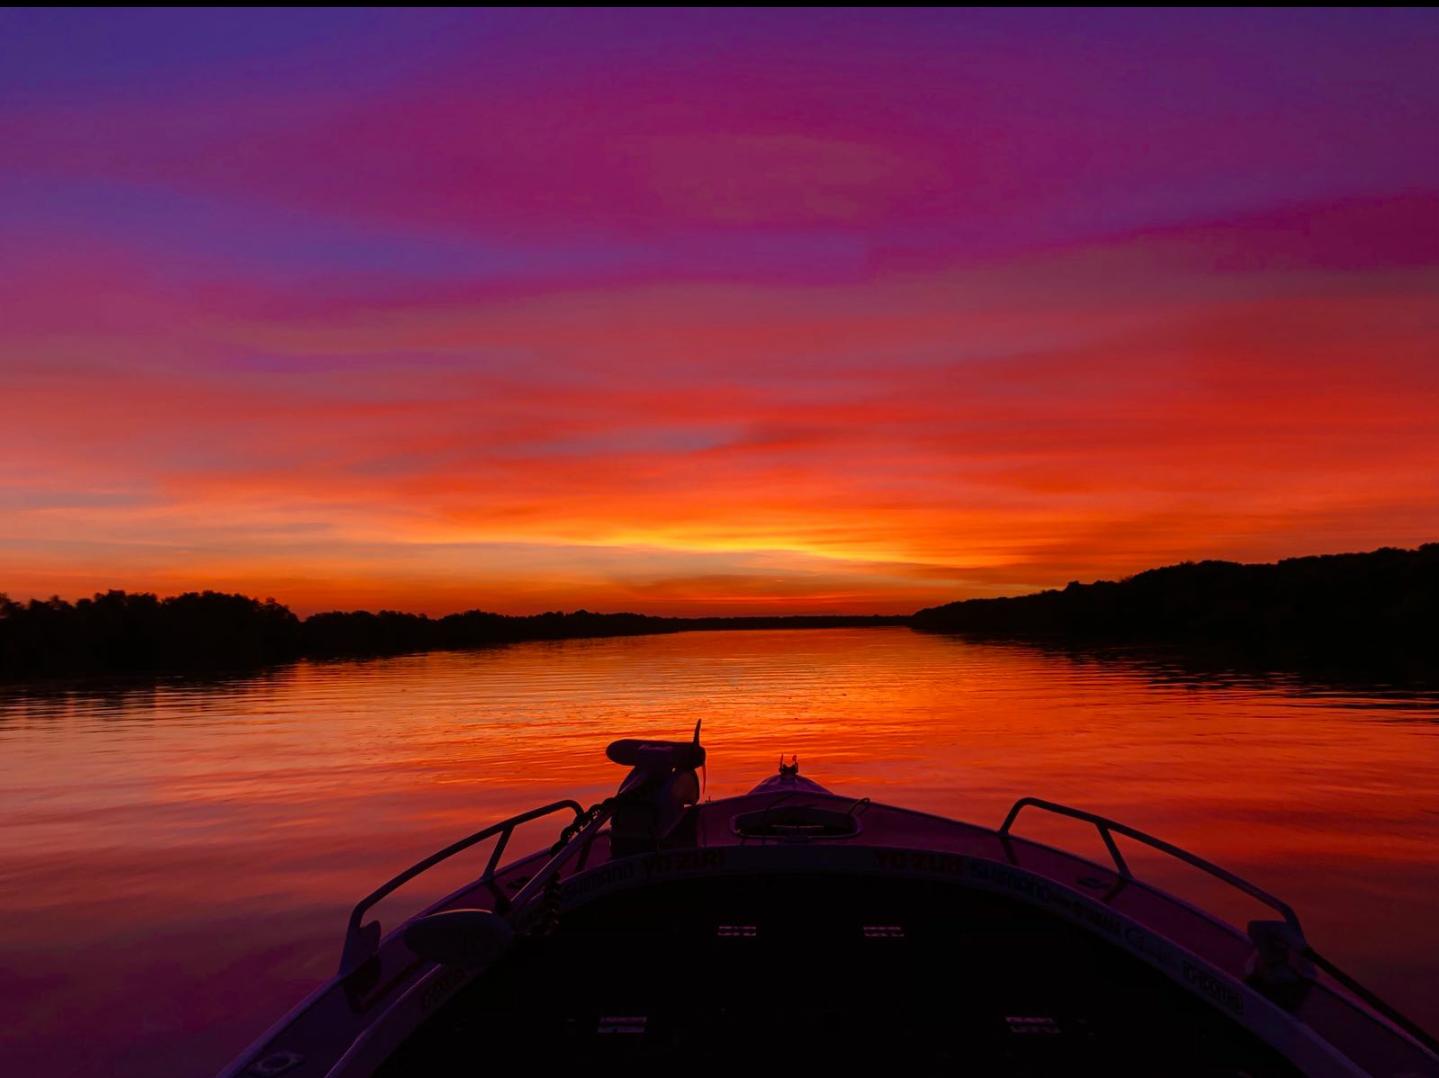 2018-04-29 06.06.13 sunrise